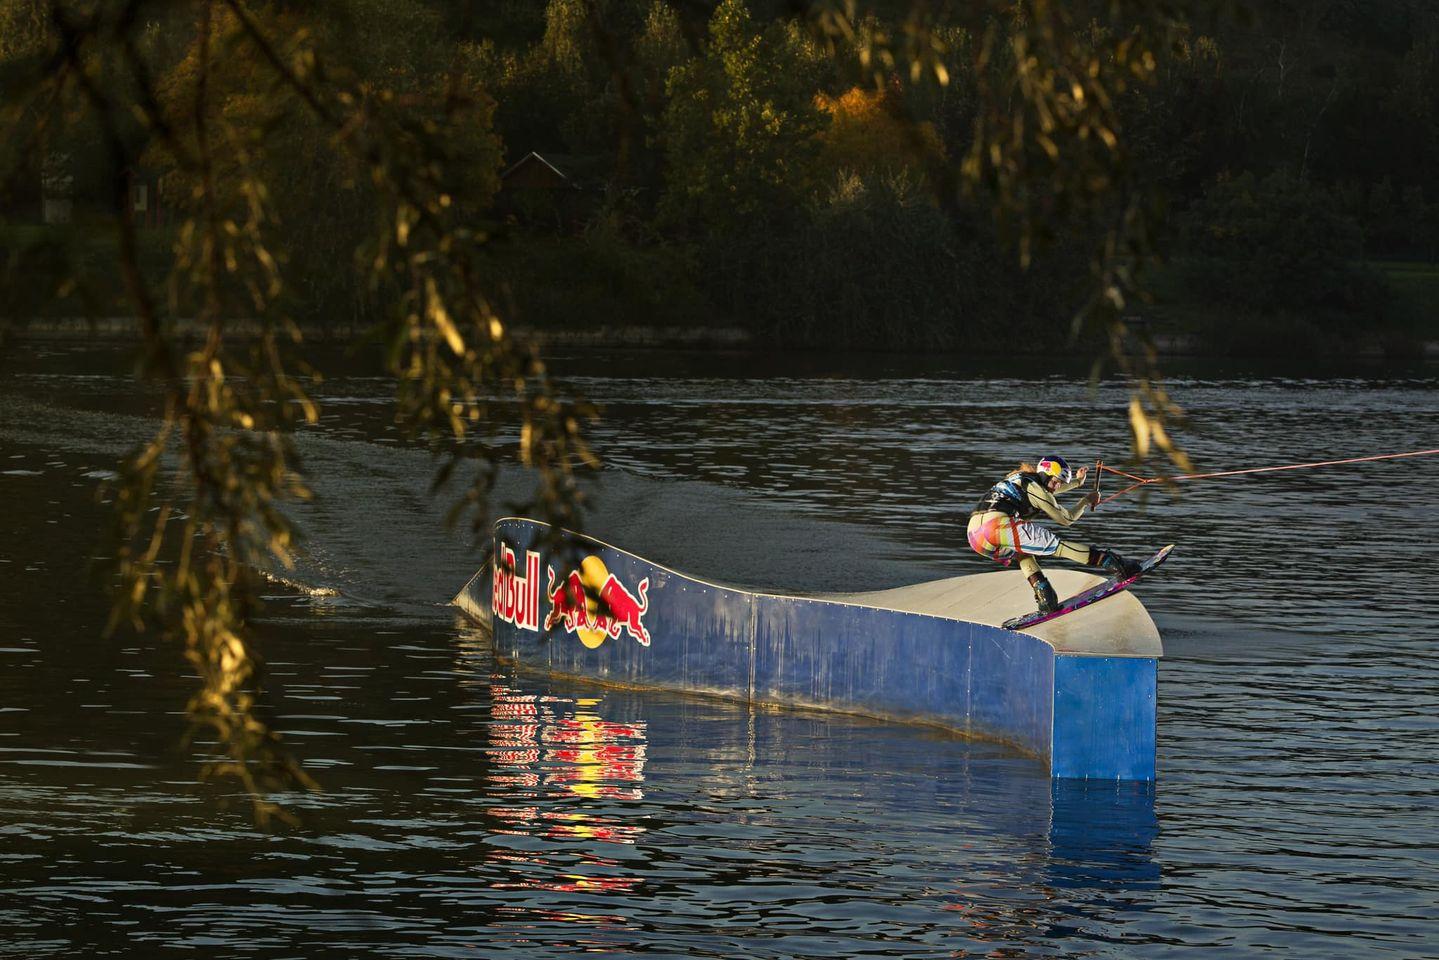 Látványos mutatványok wakeboardon